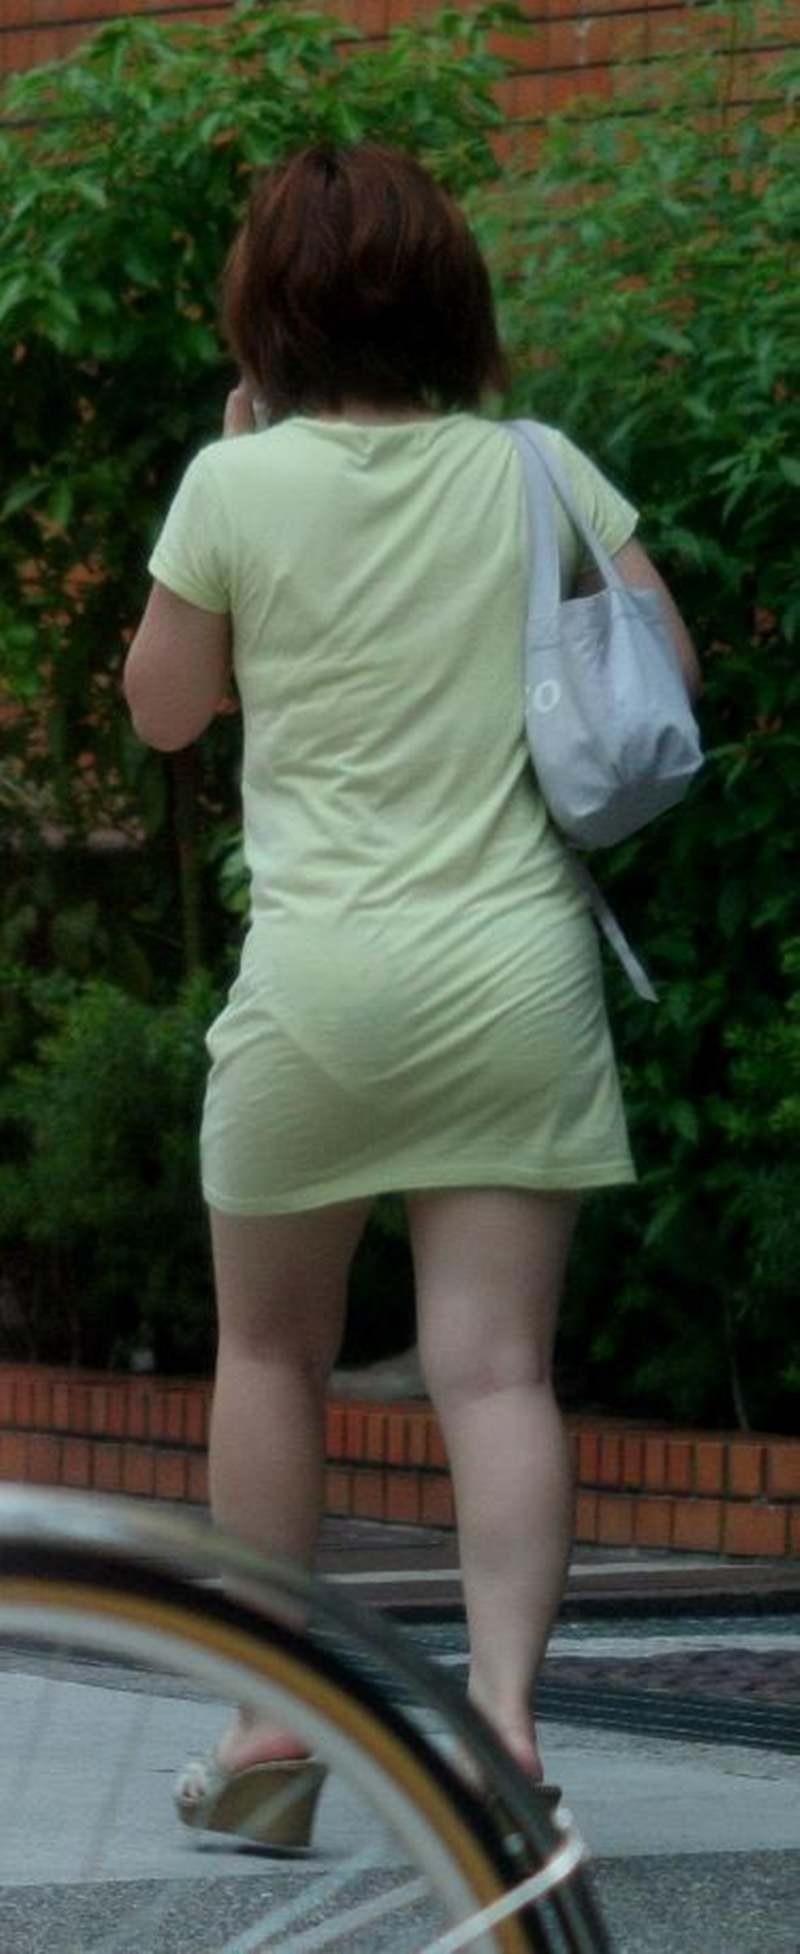 復活!キャンプ場で見てみたい綺麗な若奥さん その16 [無断転載禁止]©2ch.netYouTube動画>7本 ->画像>1572枚